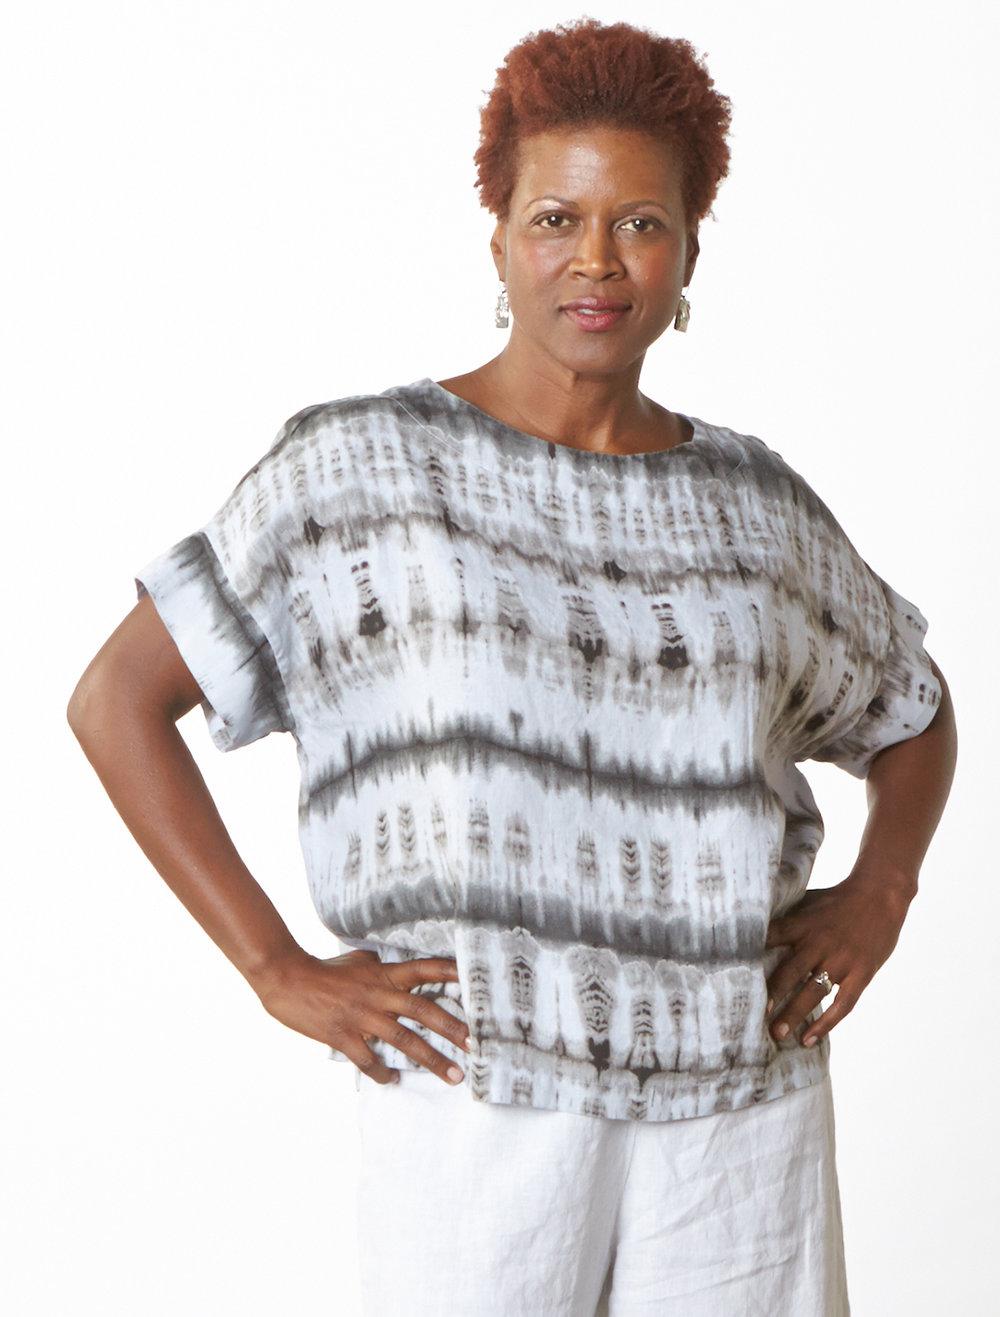 Orla Shirt in Fountain Tie Dye Linen, Long Full Pant in White Light Linen